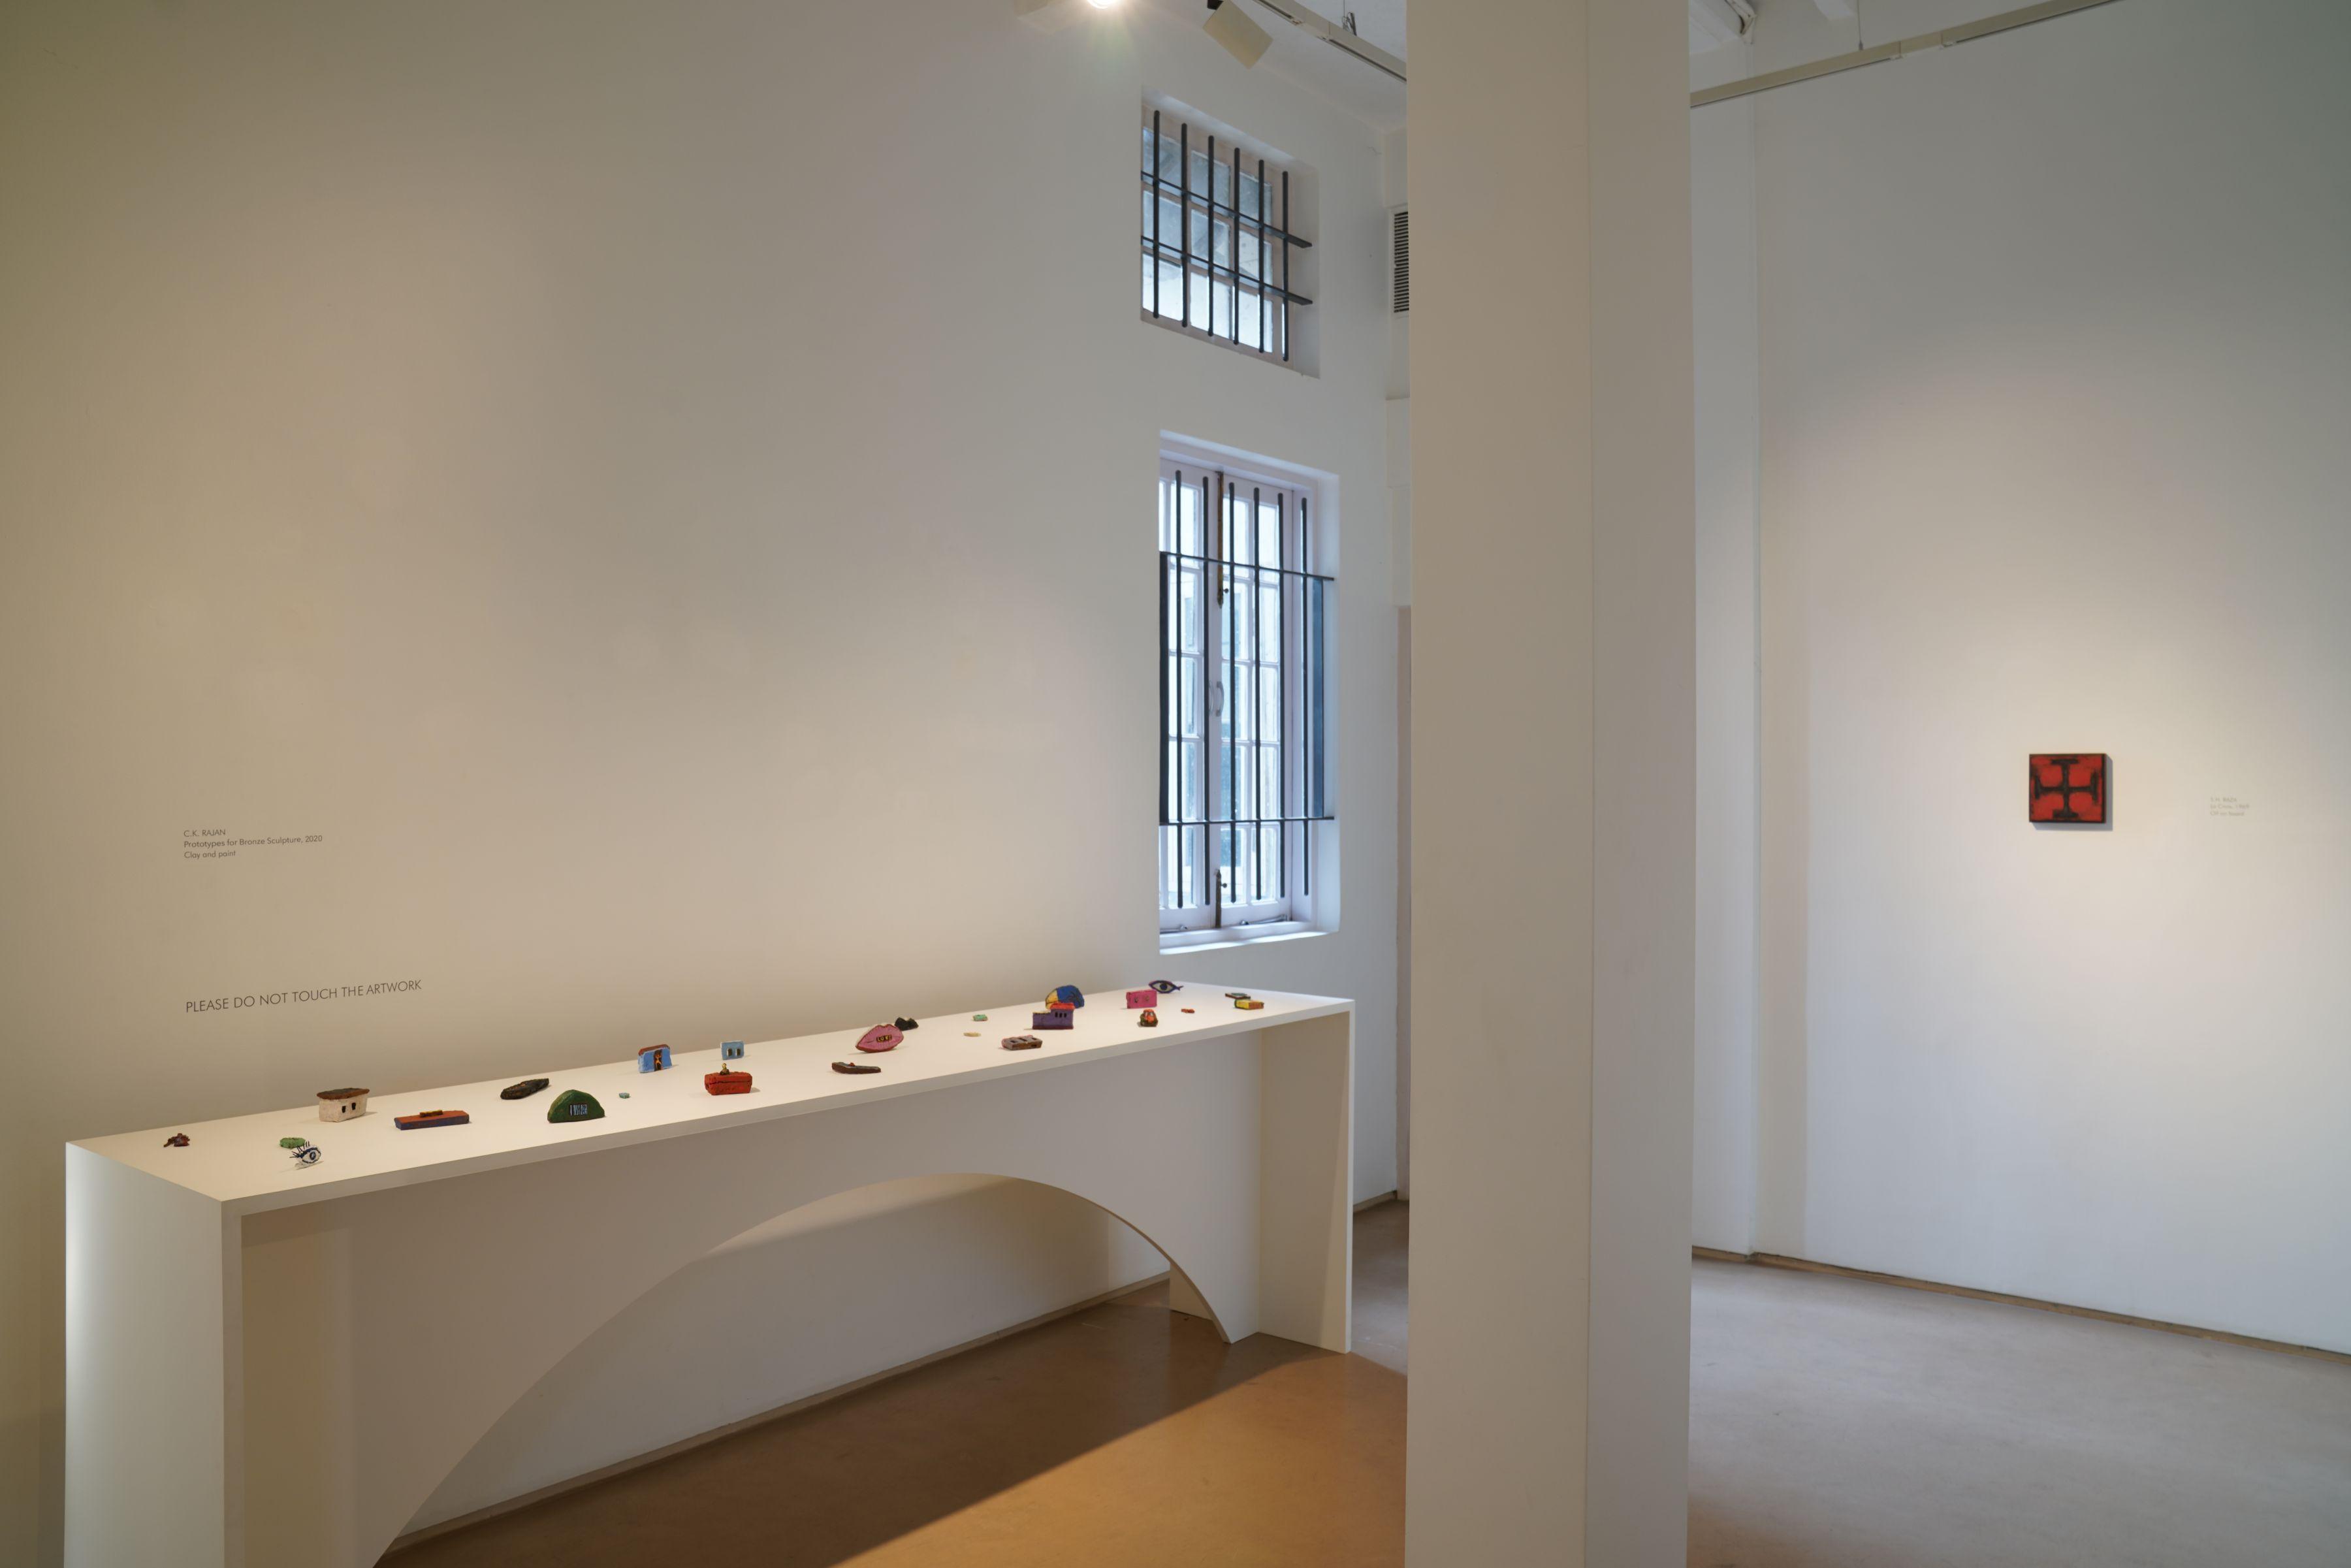 Installation View (Arun K.S.)